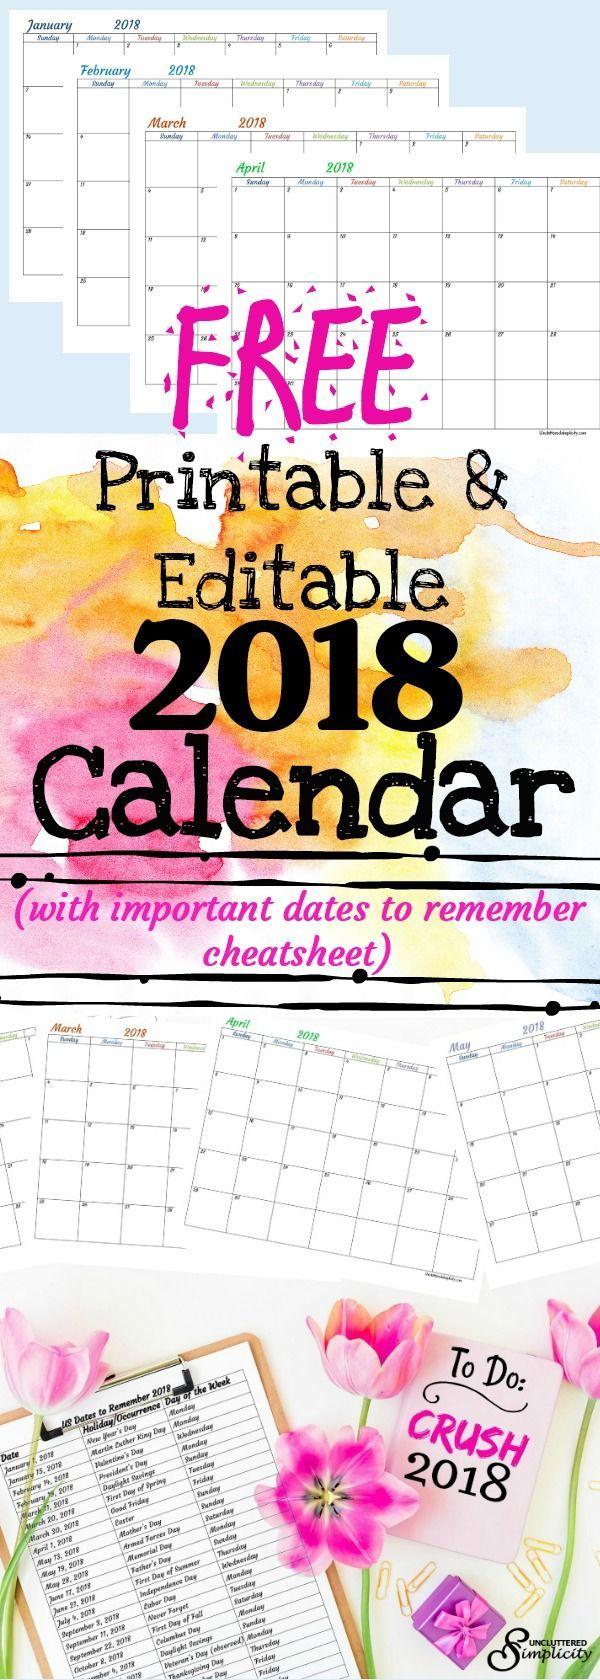 editable 2018 calendar with holidays